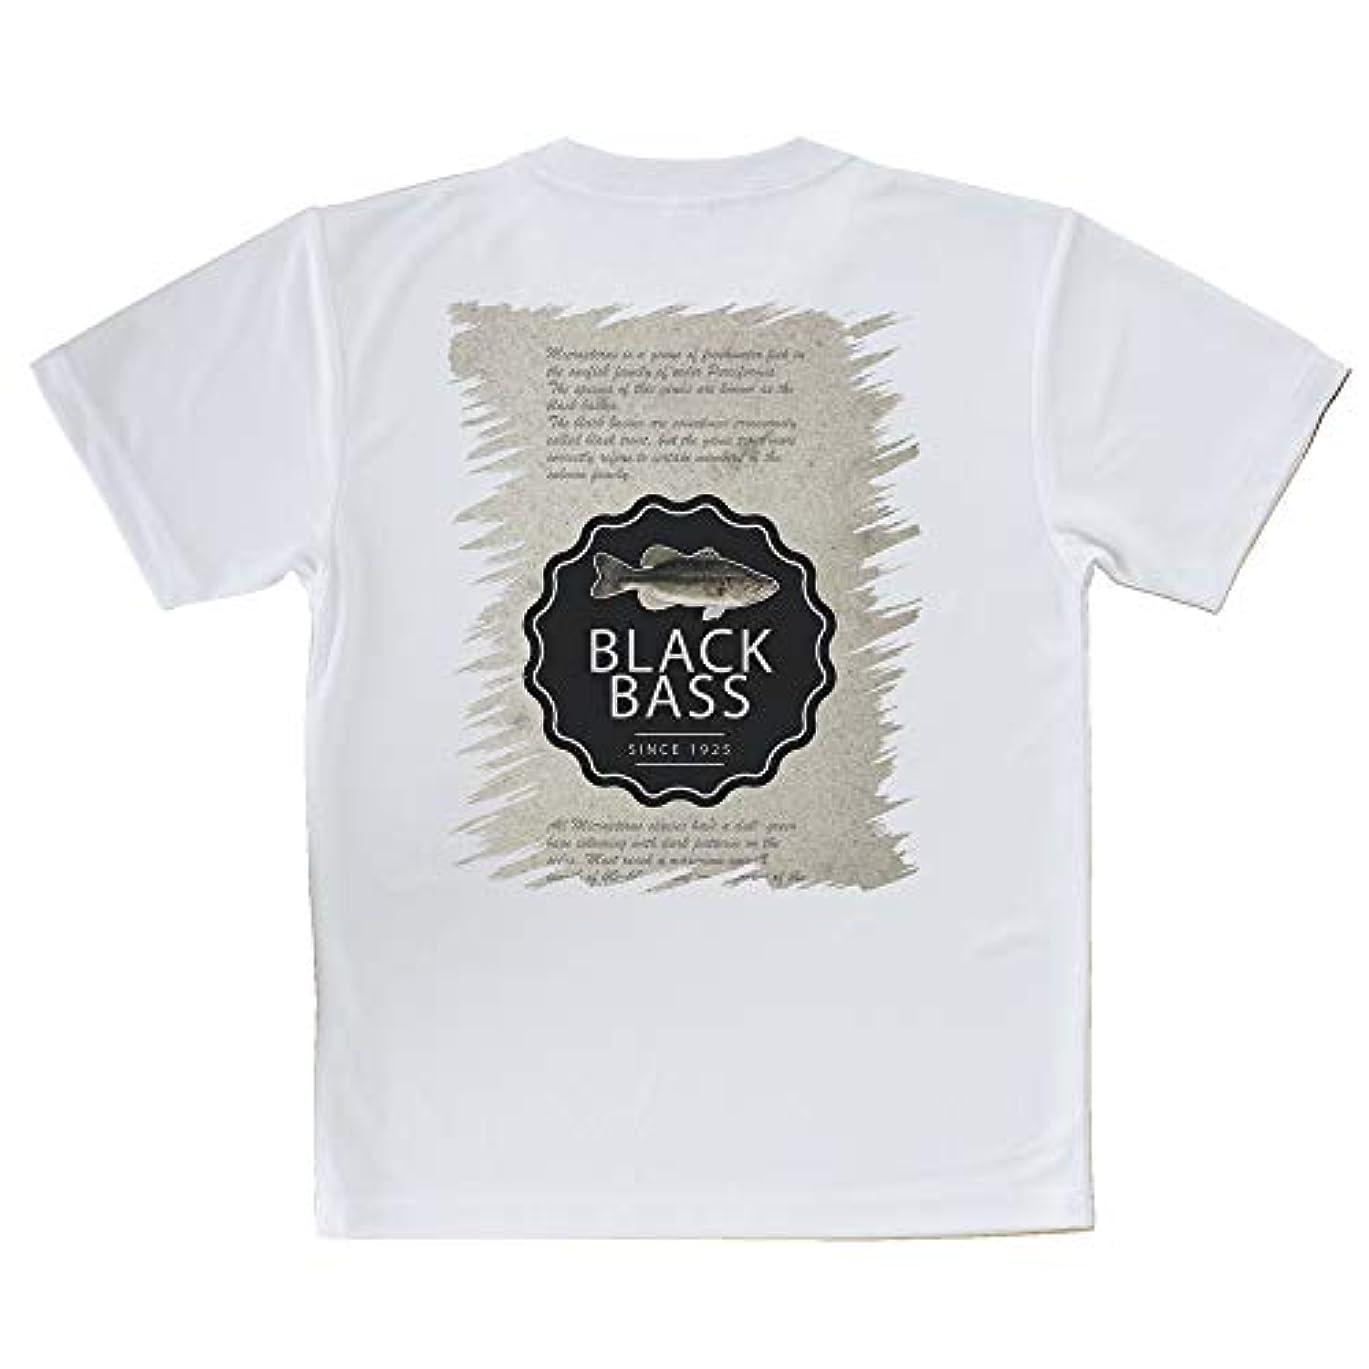 台風上がる行商AnglersLife Tシャツ ブラックバスの歴史 United Athle(ユナイテッドアスレ) ホワイト 白 ポリエステル100% 4.1oz UTF30